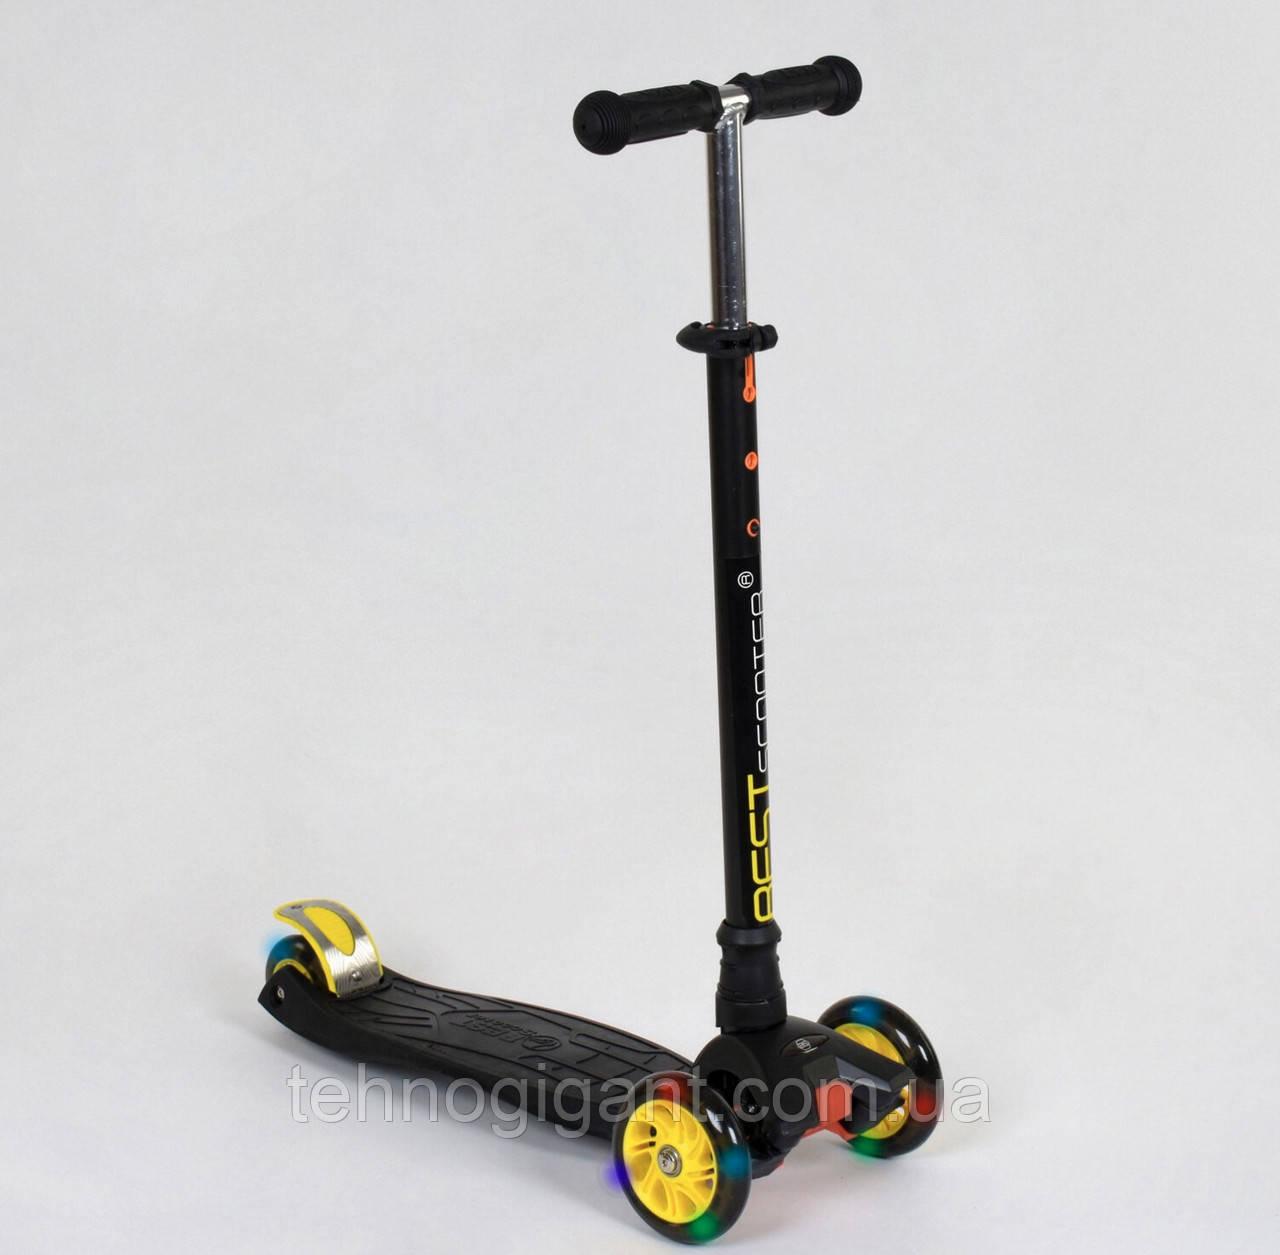 Самокат трехколесный со светящимися колесами черный-желтый Best Scooter MAXI, 4 колеса, трубка руля алюминий